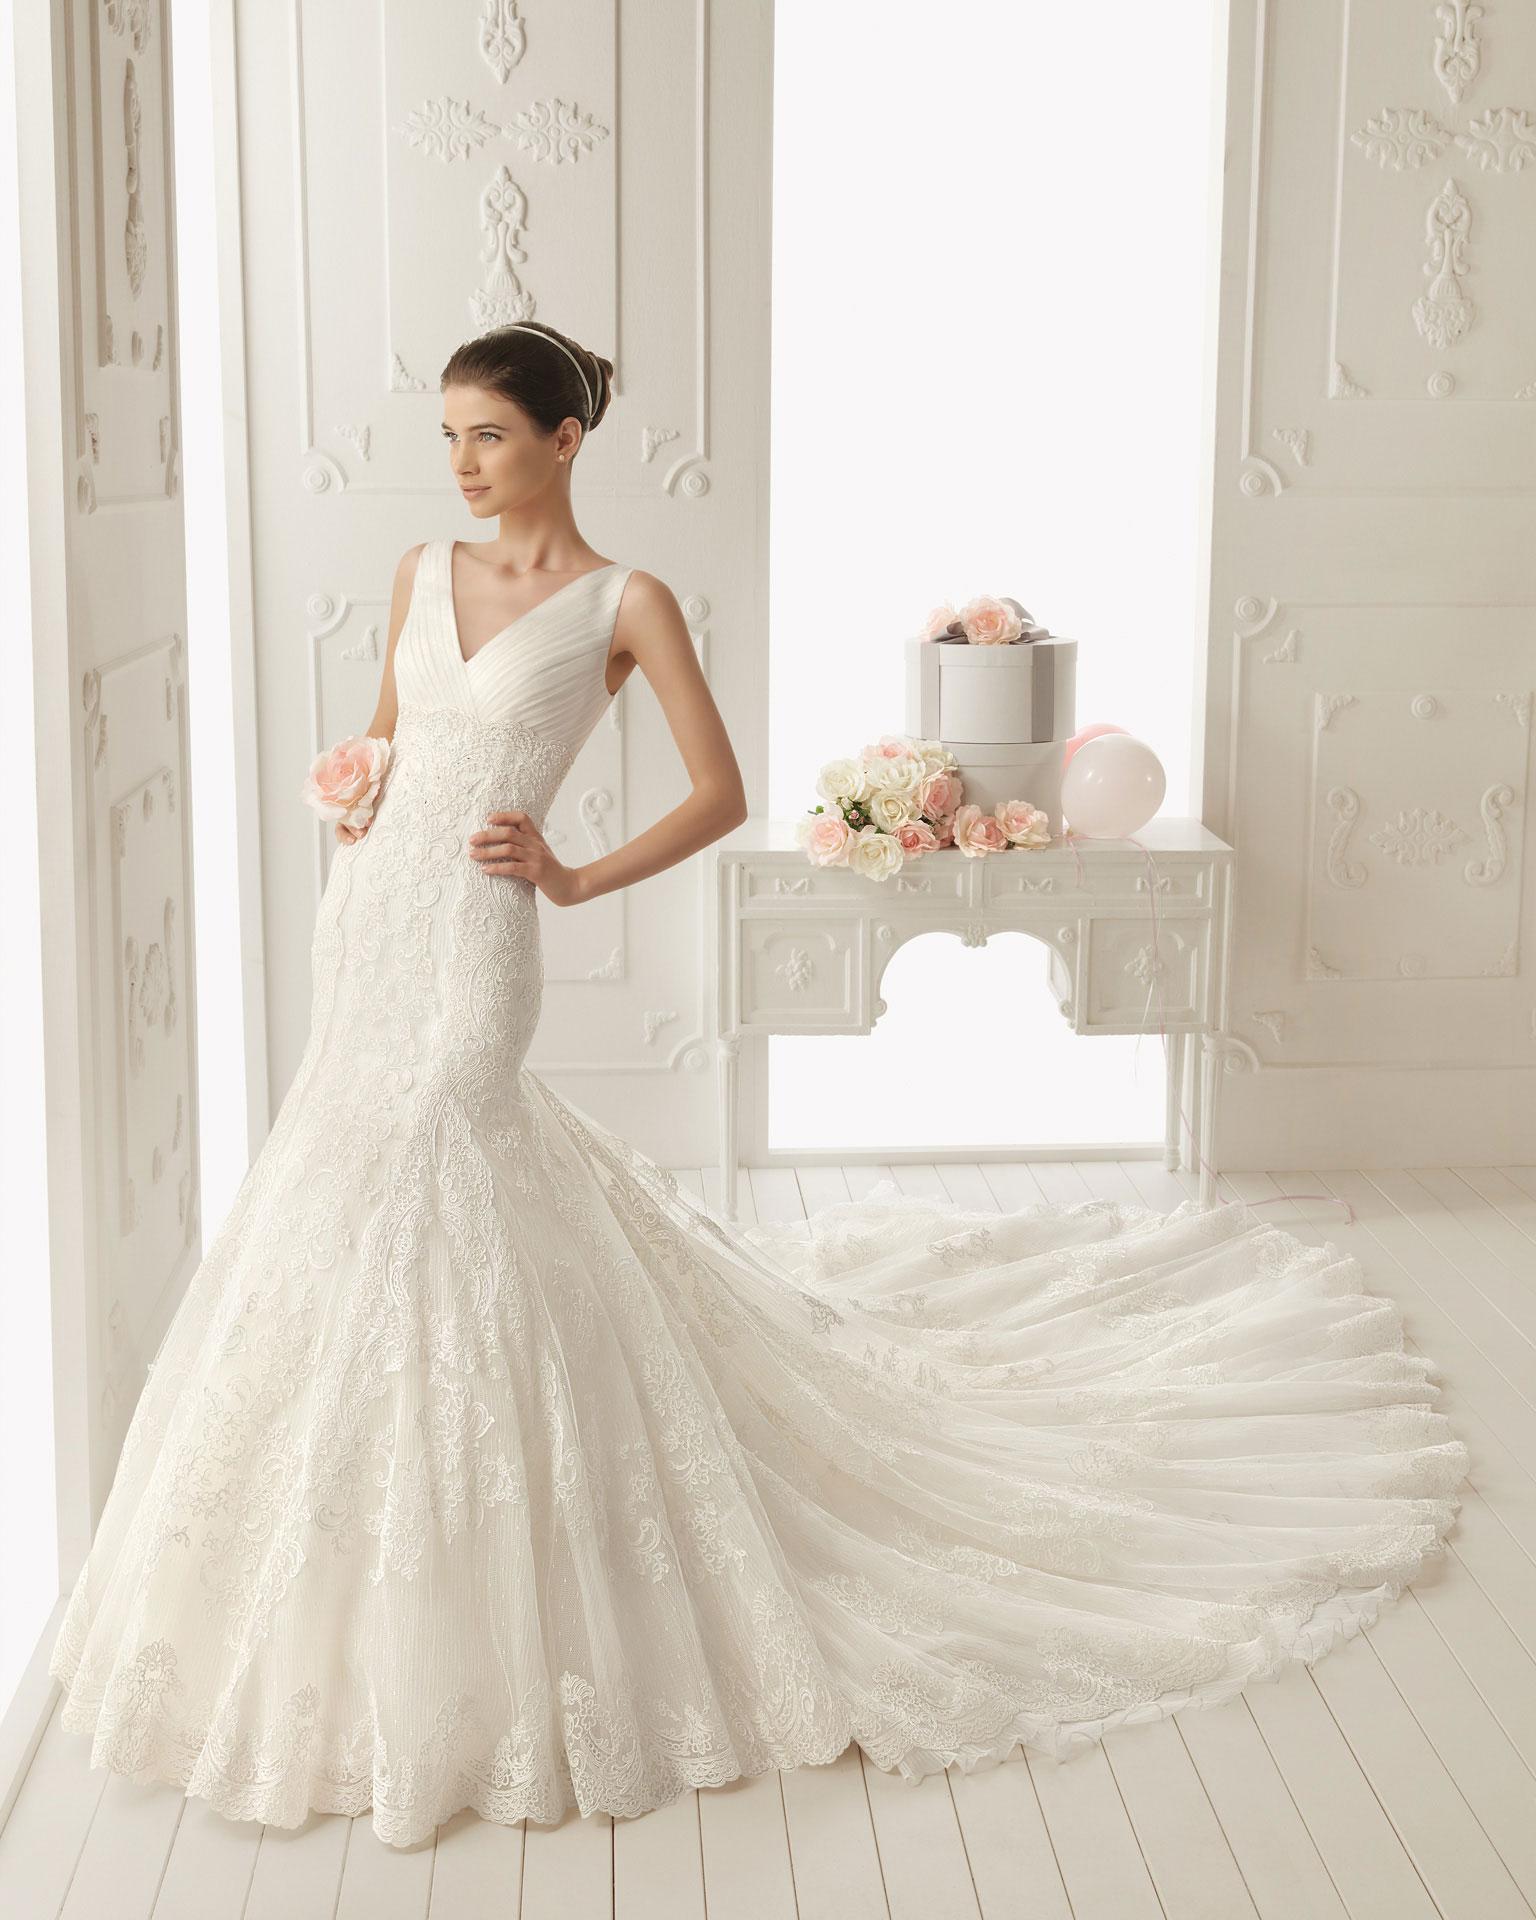 فساتين زفاف 2015 جديدة اروع فساتين زفاف